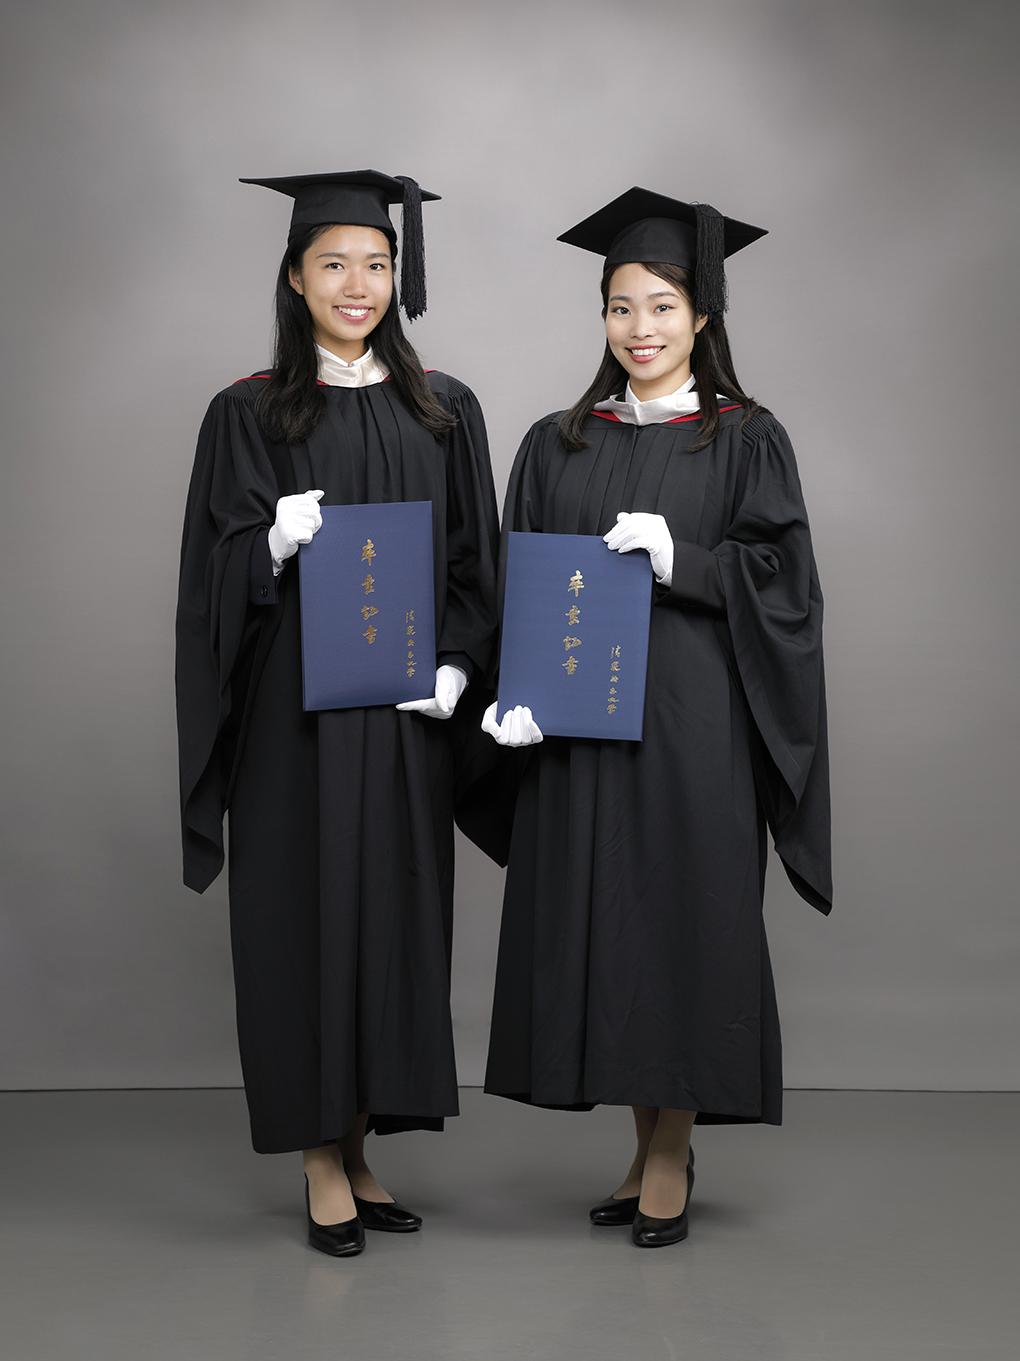 上智 大学 卒業 式